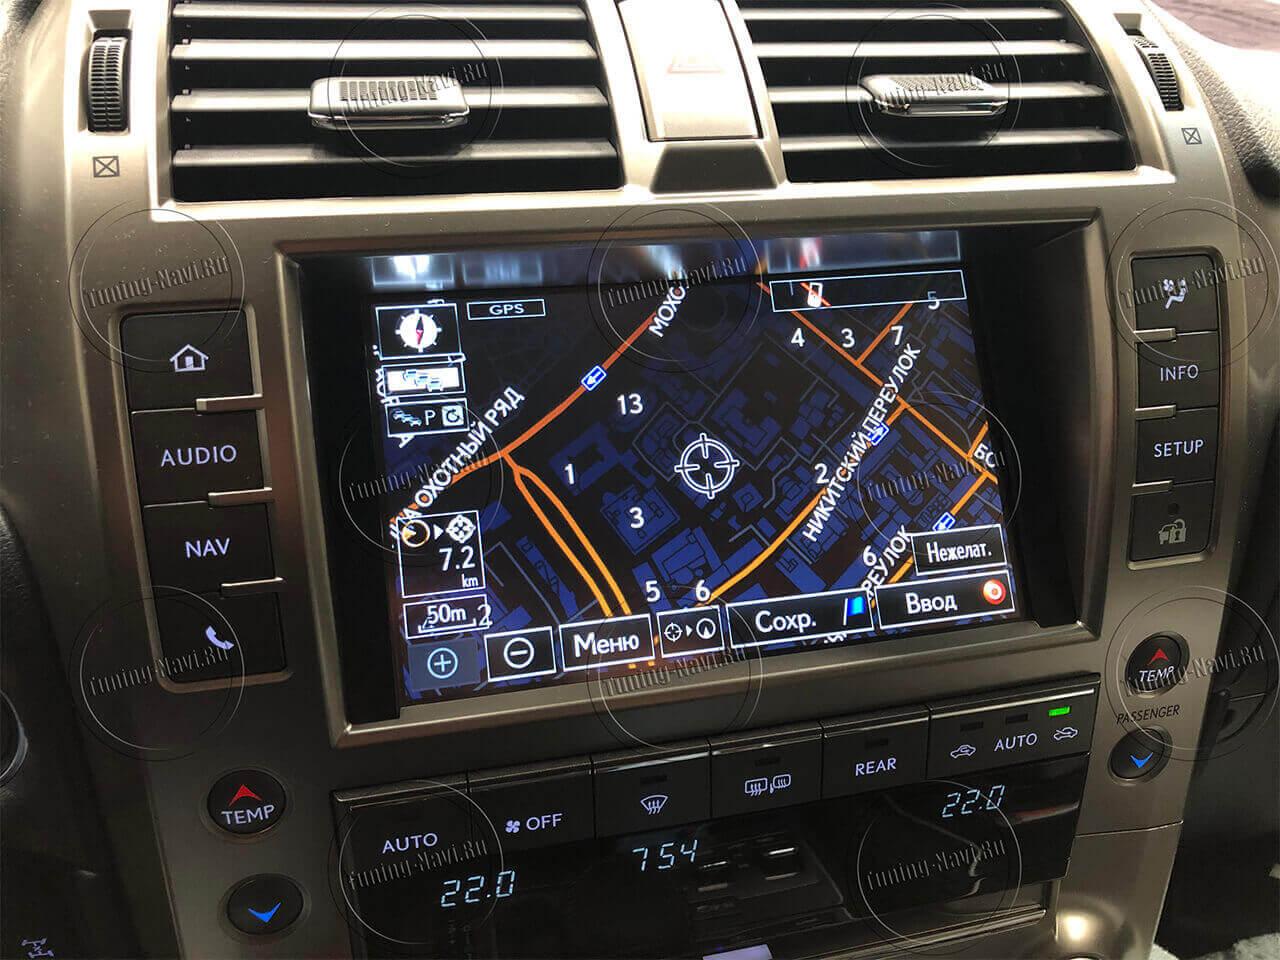 navigatsiya-lexus-gx-460_4